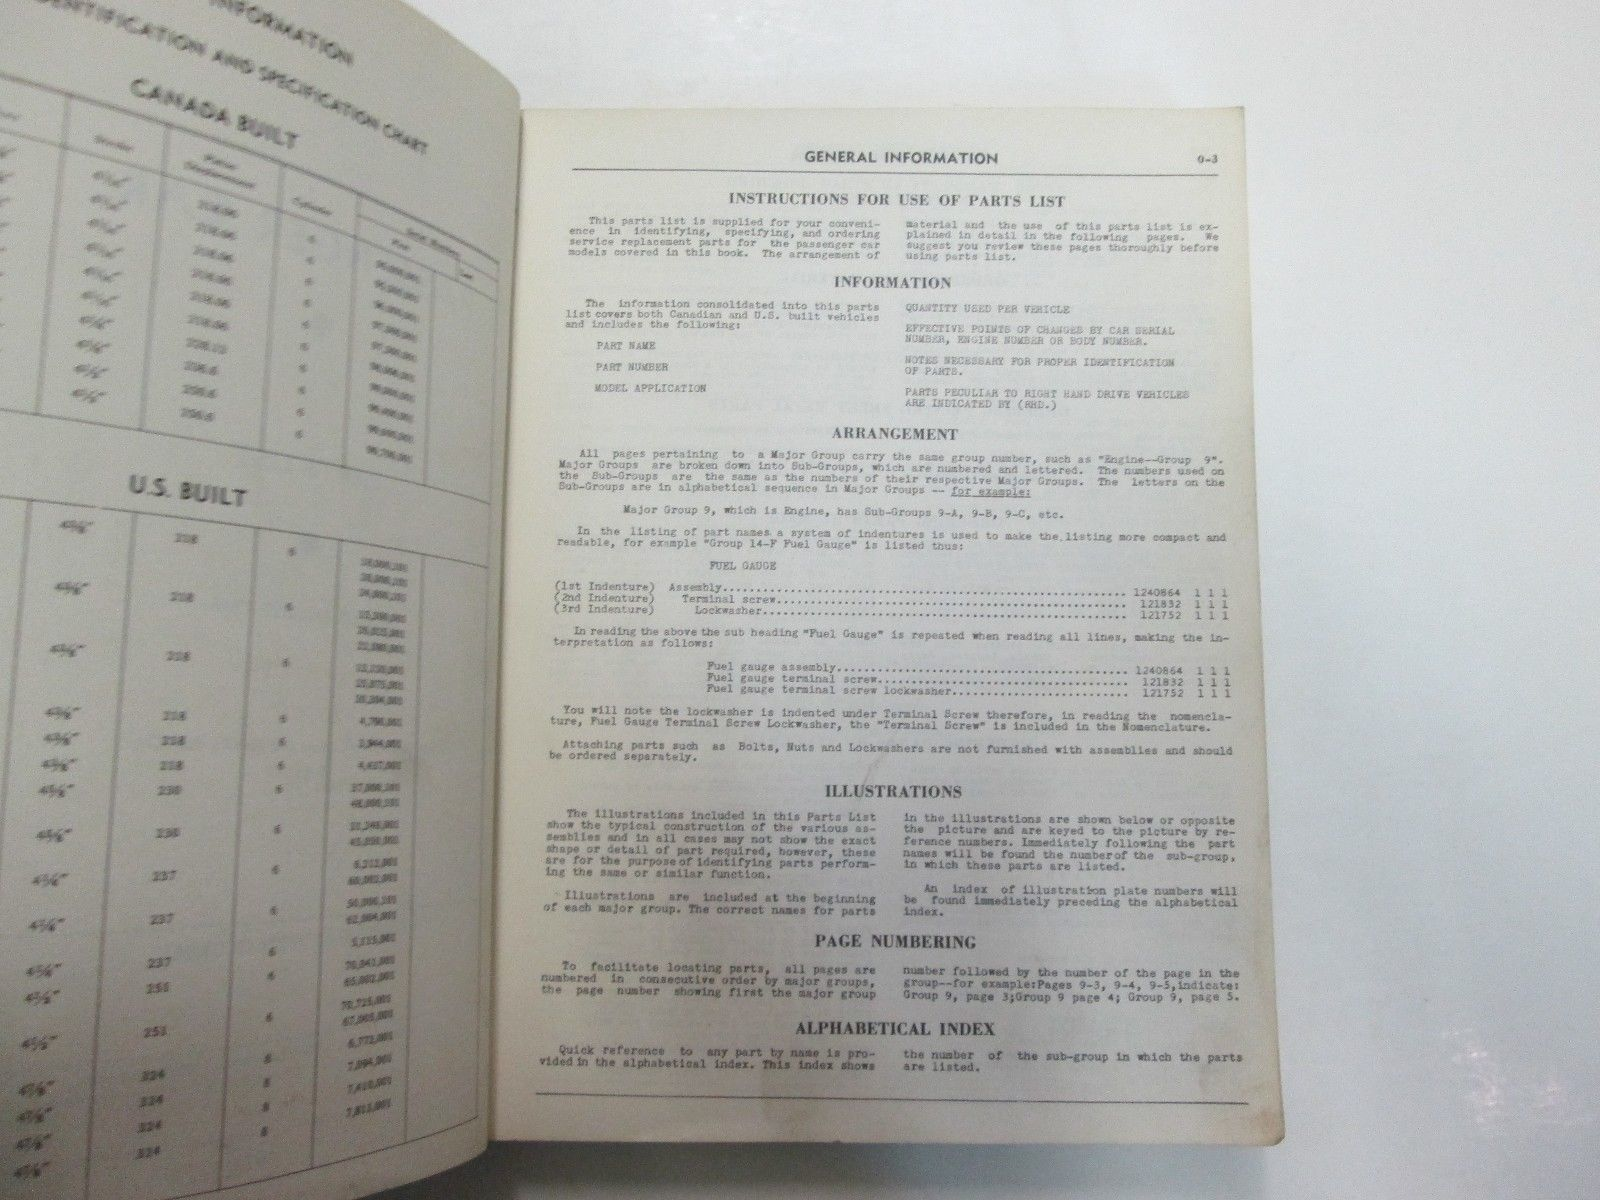 1949 Chrysler Passenger Car Parts List Manual C45 46 47 P17 18 D29 30 31 32 S13